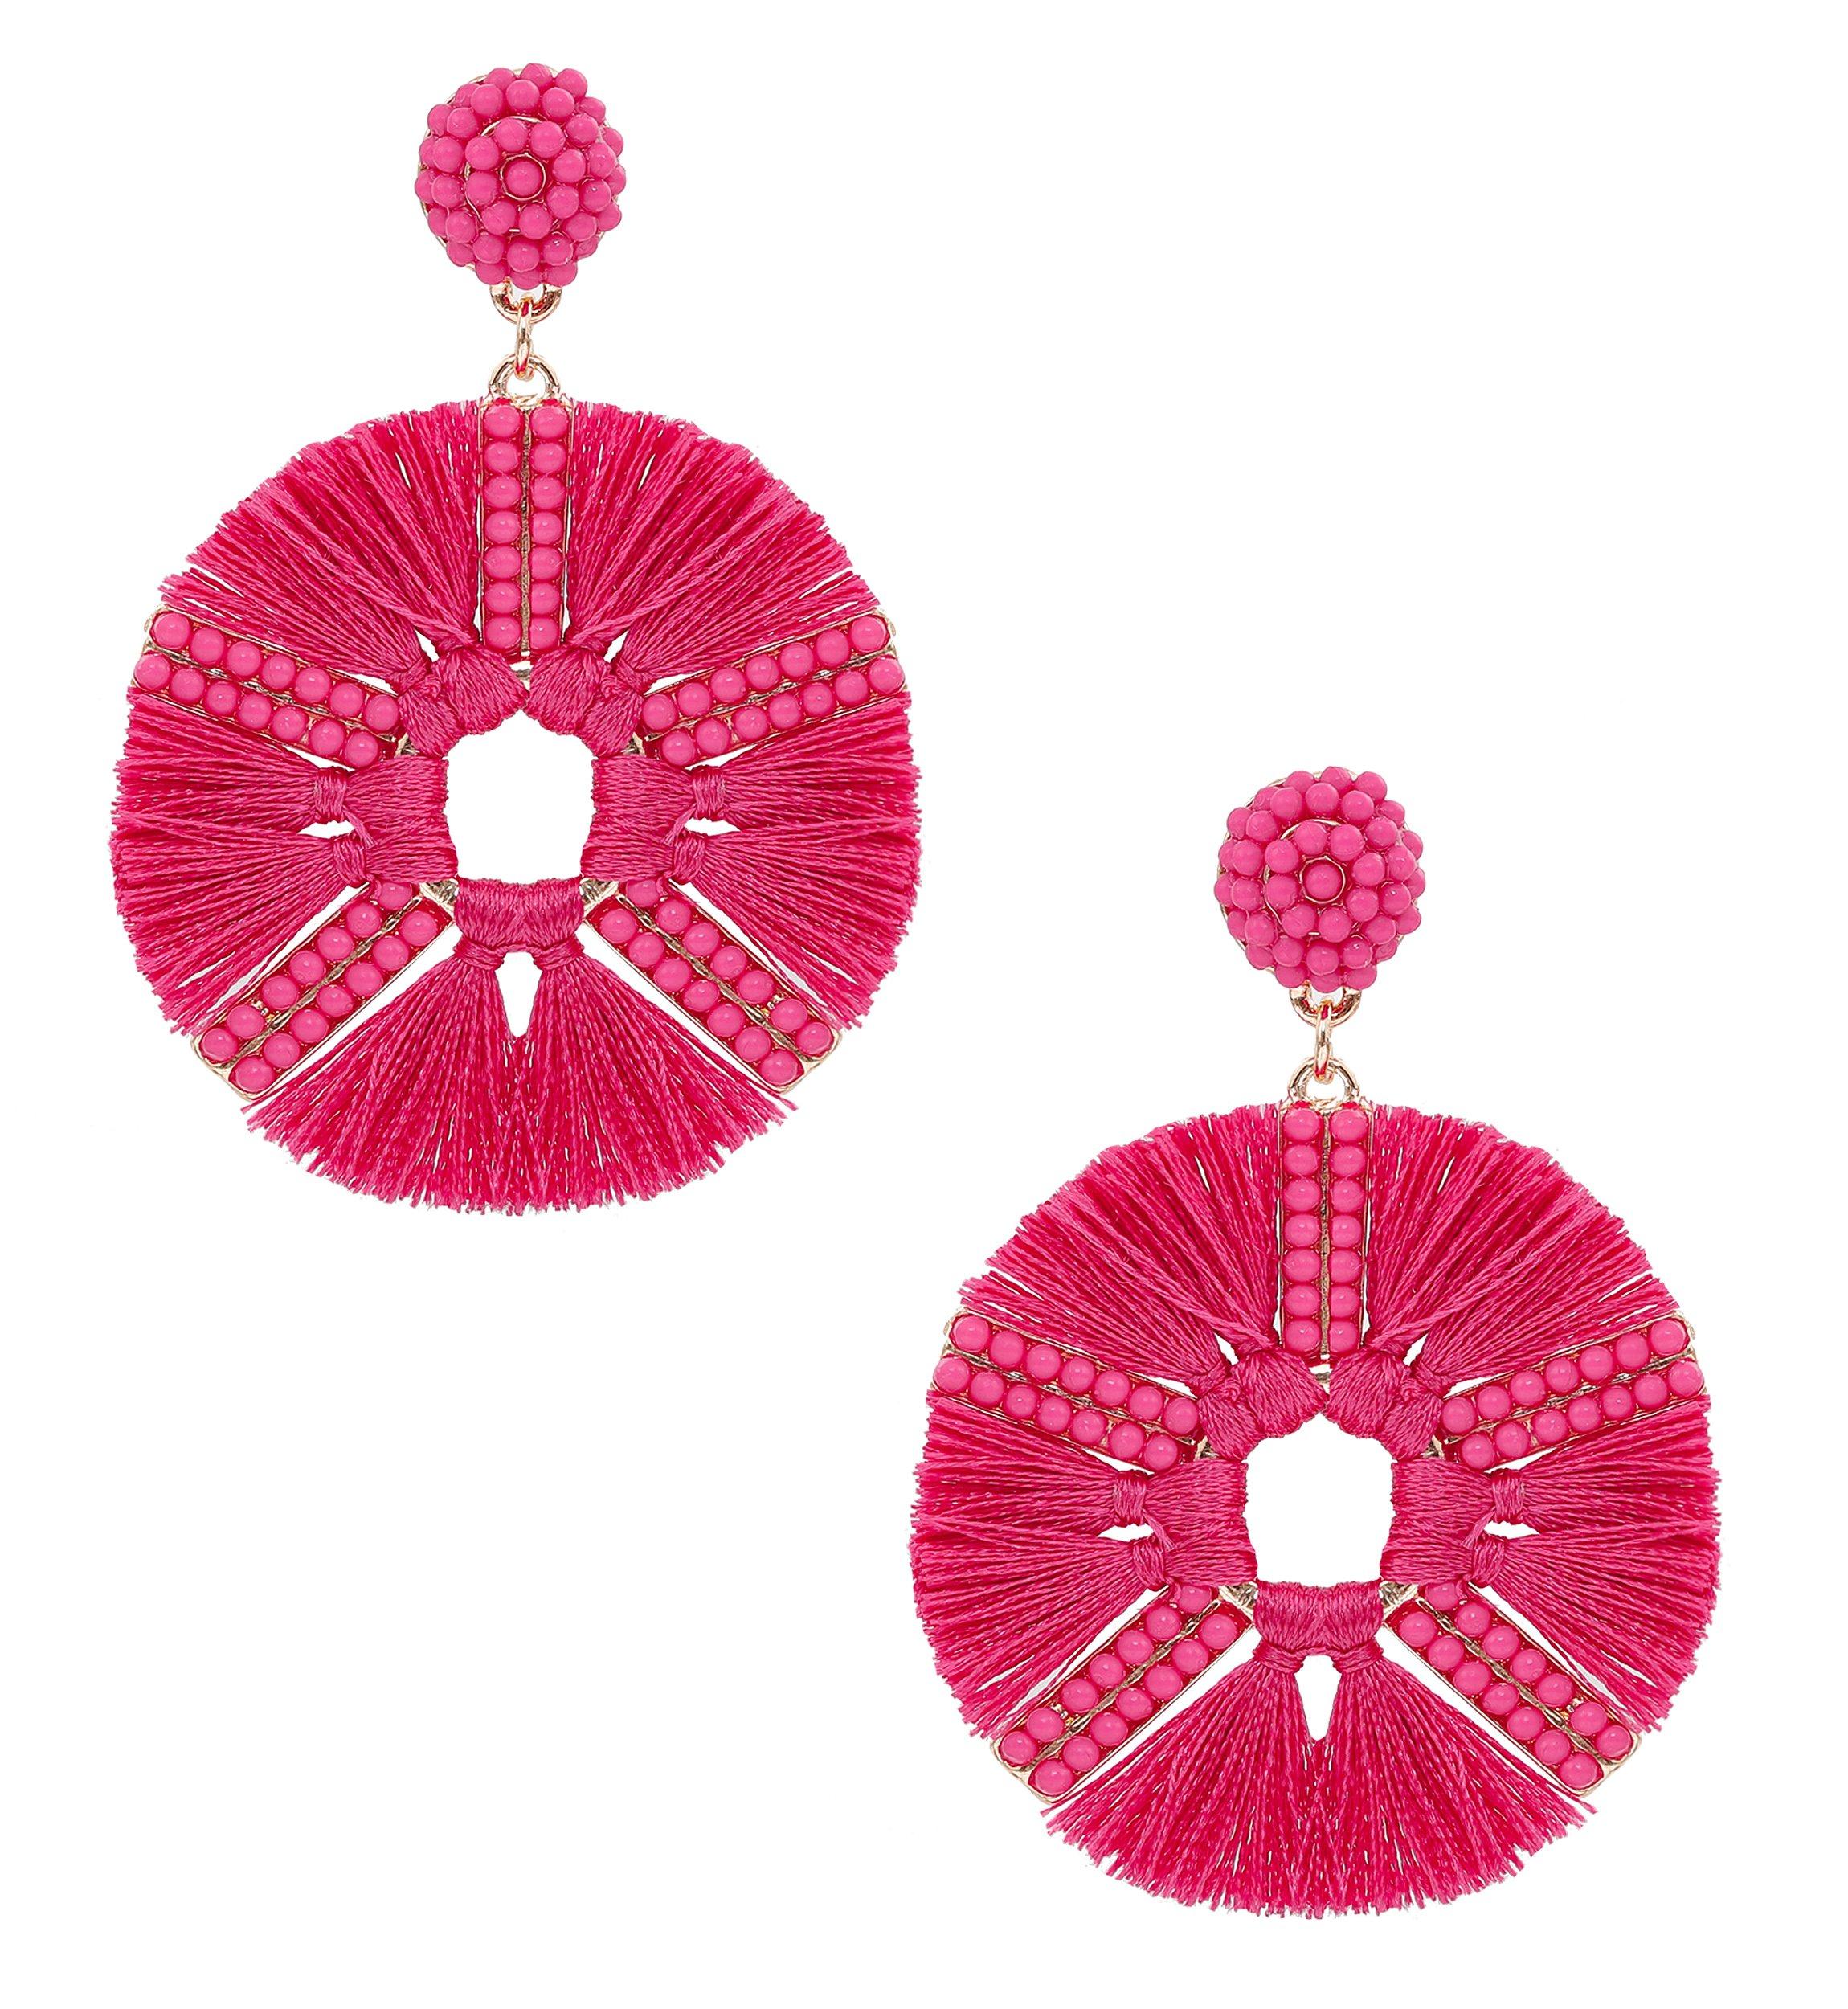 HSWE Round Beaded Tassel Earrings for Women Short Fringe Drop Earrings Dangle Drop Earrings (rose red)